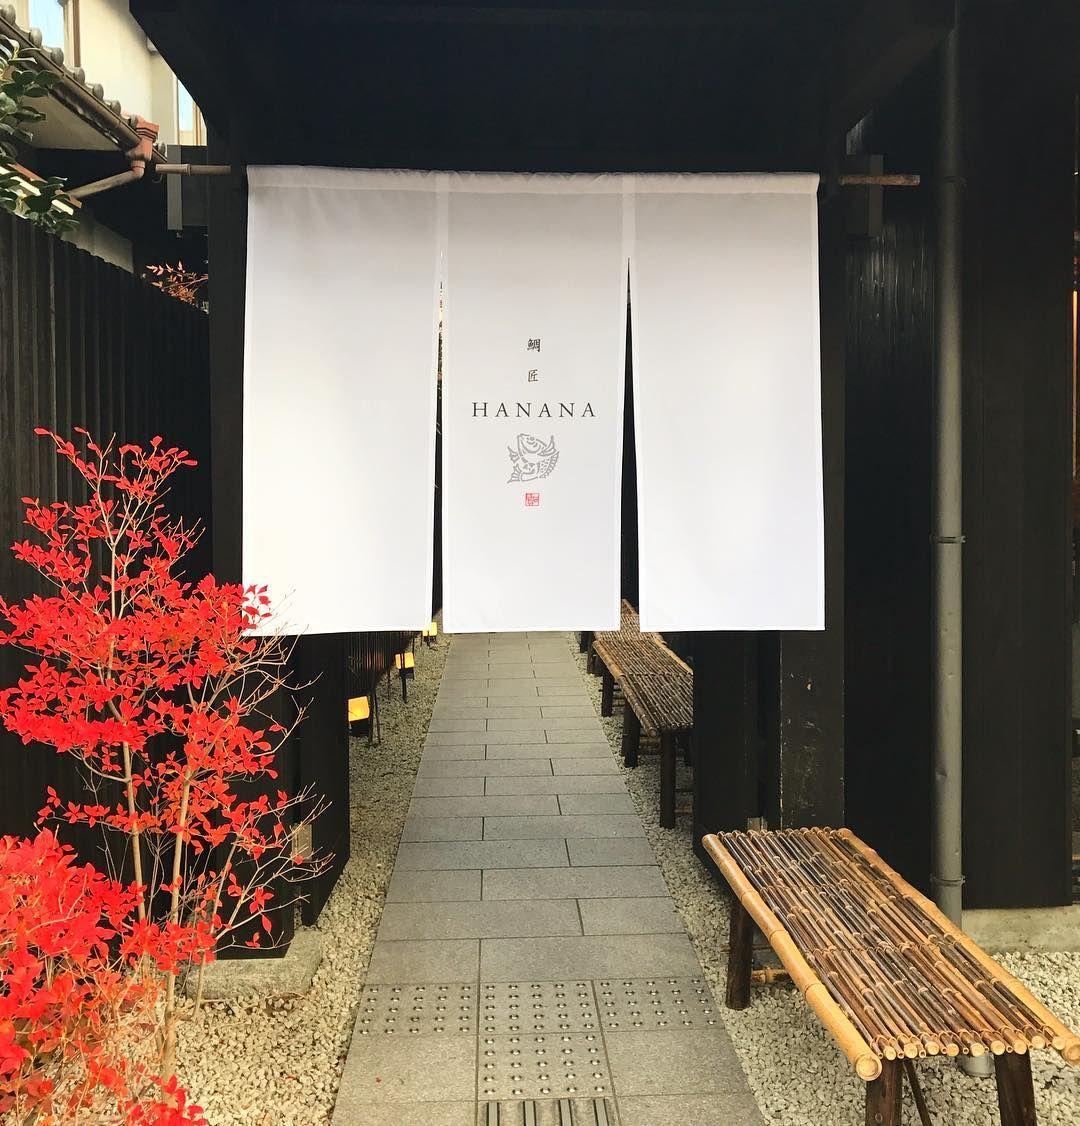 京都の嵐山にある「鯛匠HANANA (たいしょうはなな)」はランチには行列ができる人気店。テレビで紹介されることもあり、鯛茶漬け御膳は観光客にも大人気だそうです。世界遺産の天龍寺、竹林の小道などにも近いのがうれしいポイントですね。